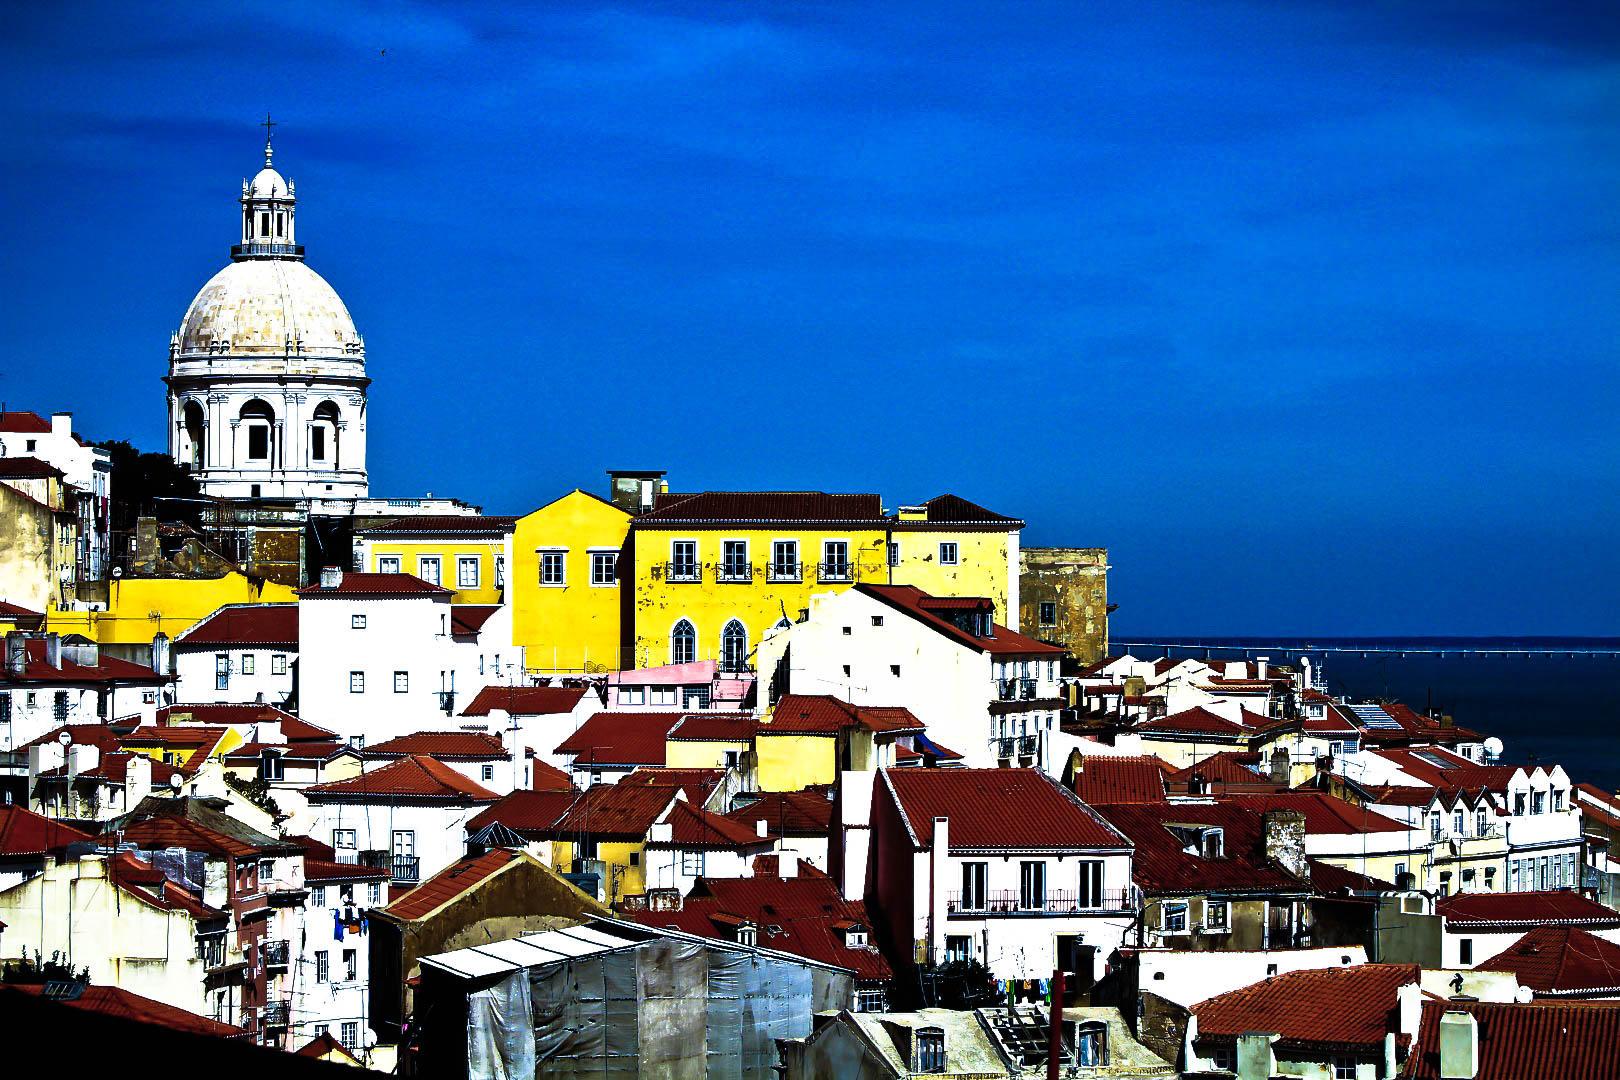 Lisbona come una favola, per grandi e bambini